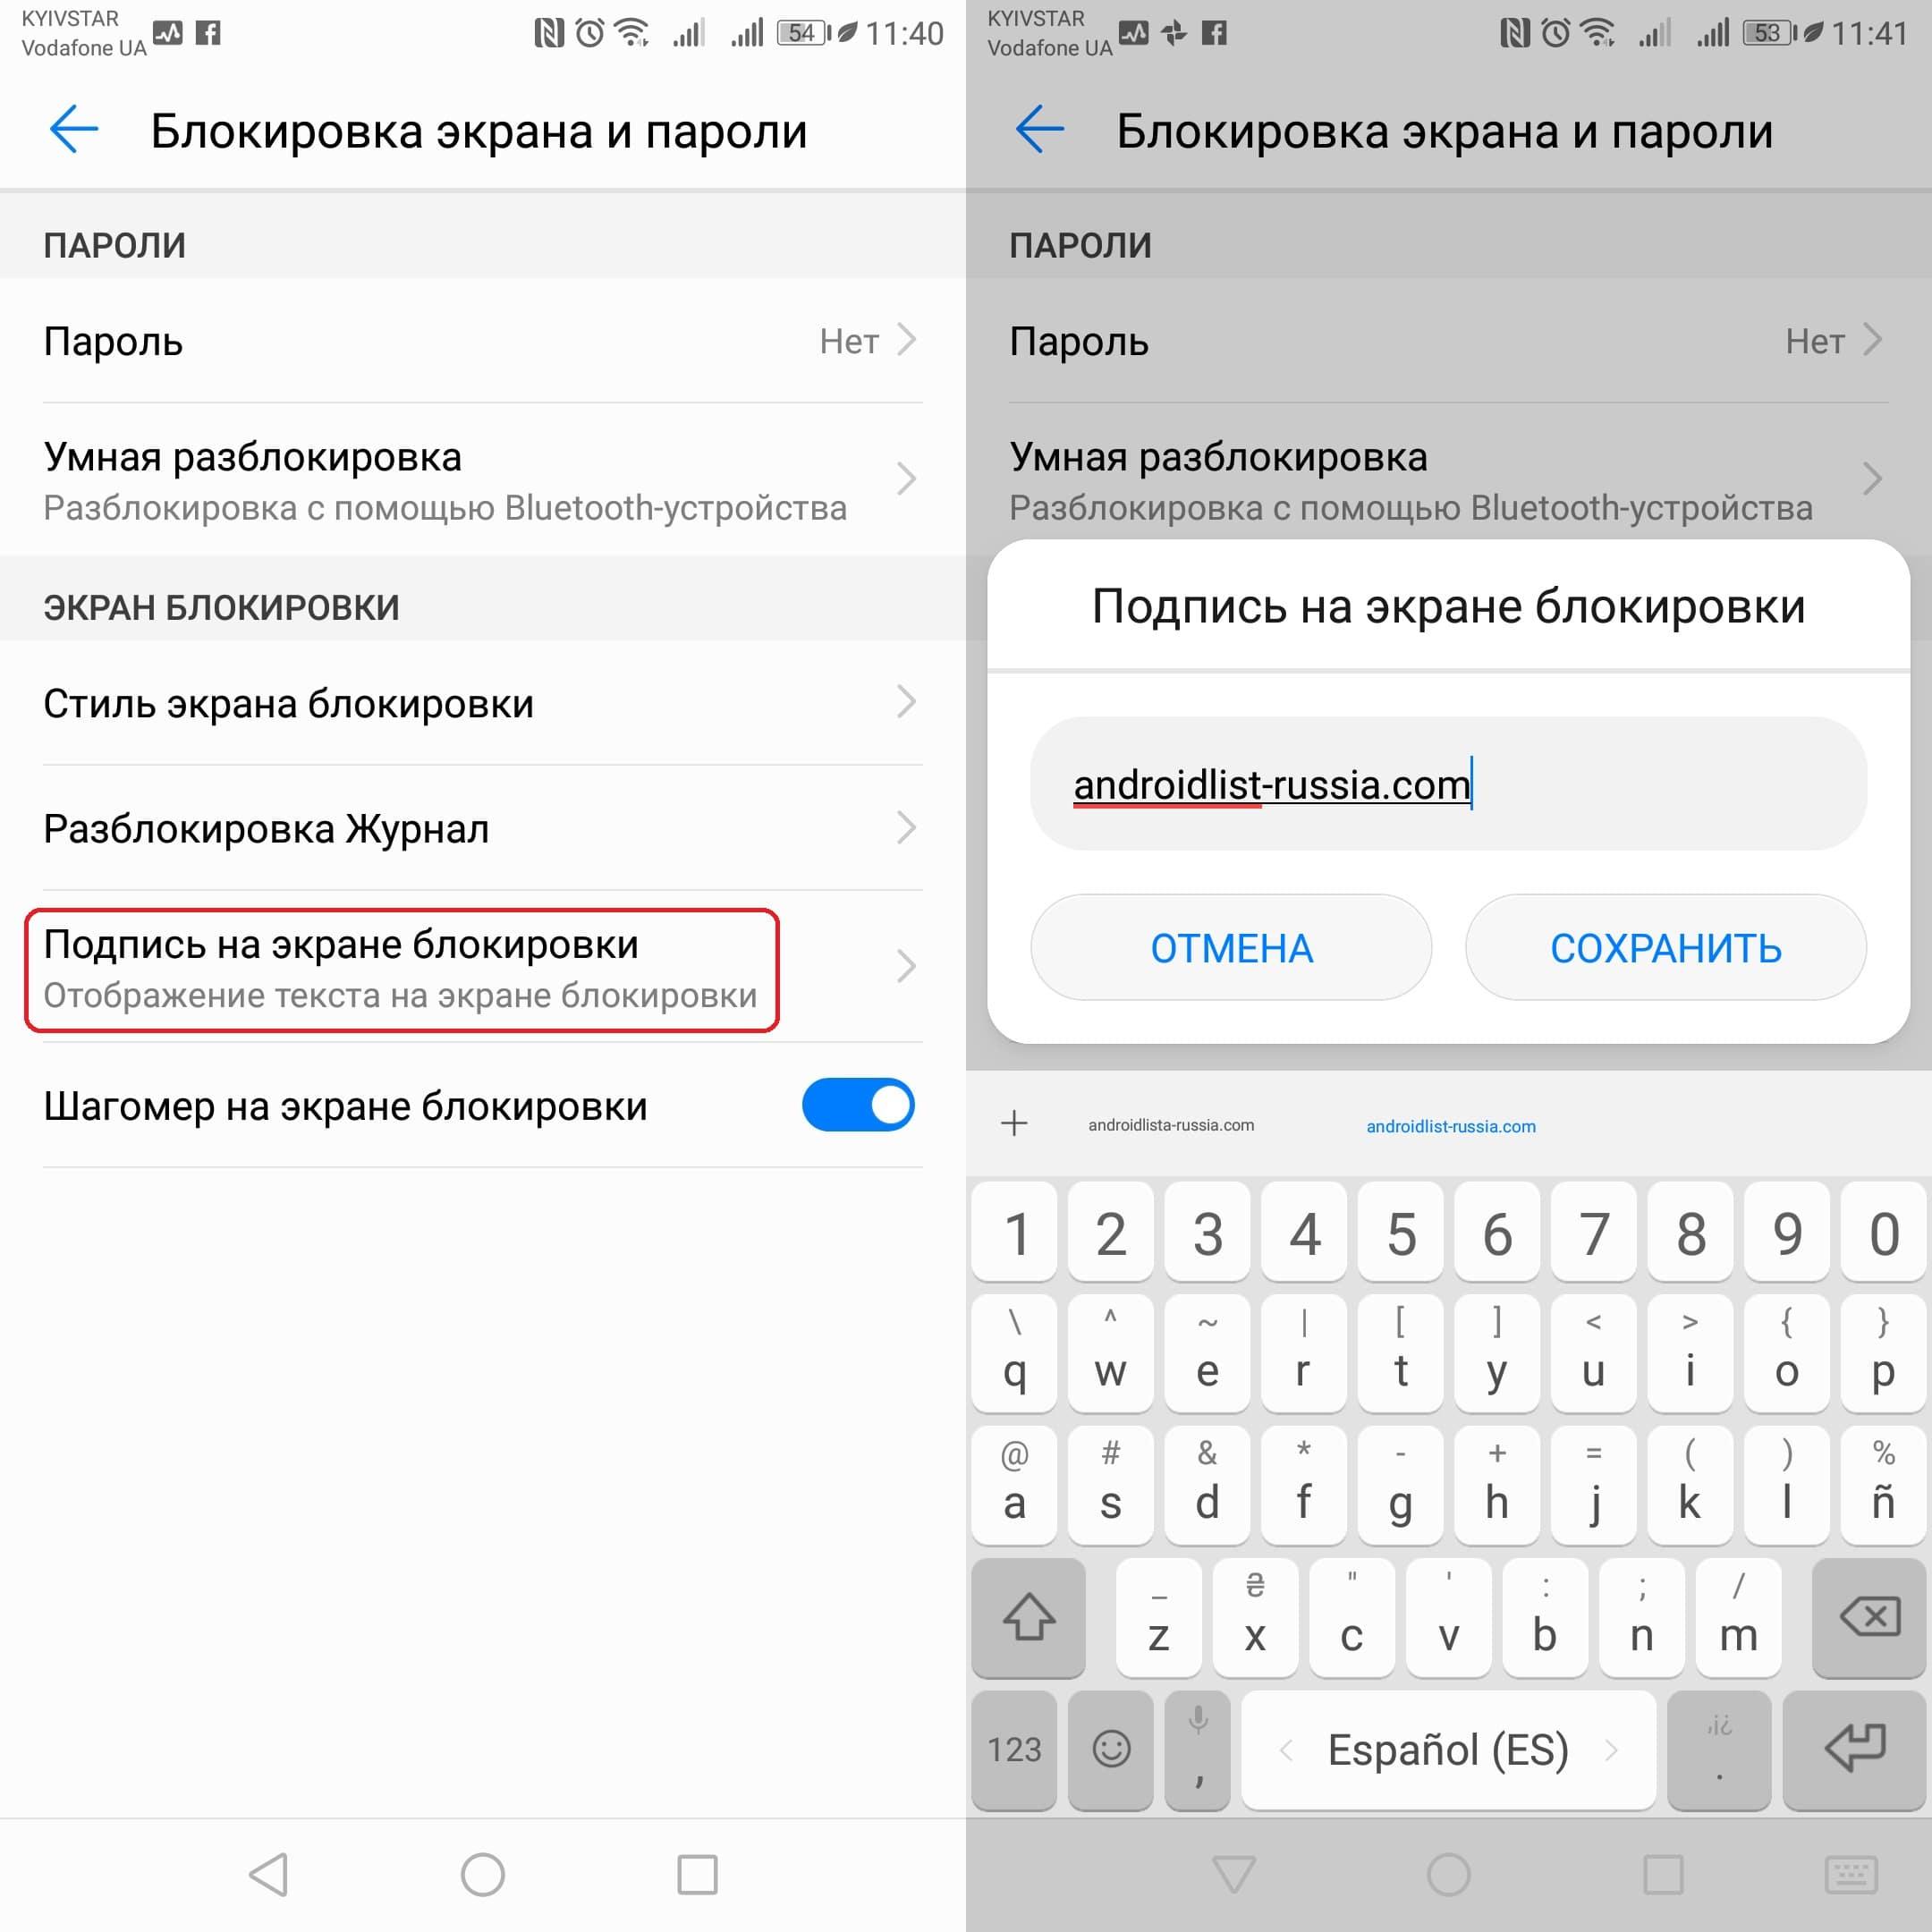 Картинка 1 Как написать текст на экране блокировки Android